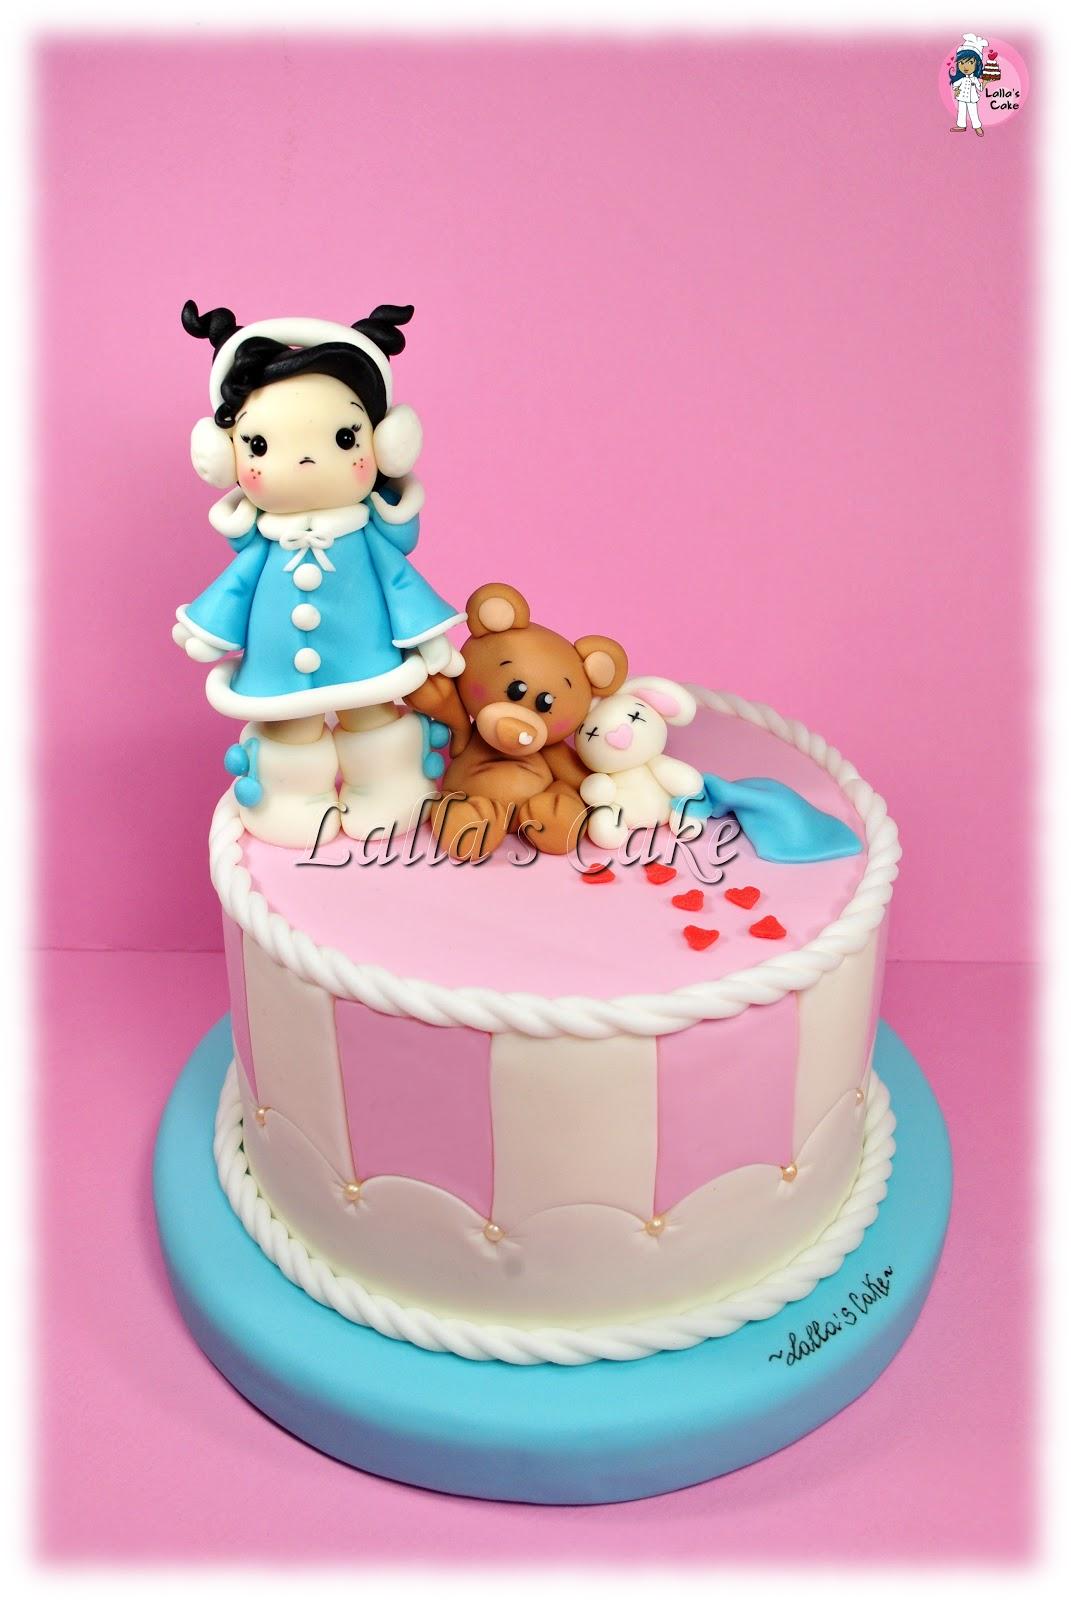 Negozio Cake Design Varese : Lalla s Cake - sugar art & cake design: Corso di cake ...